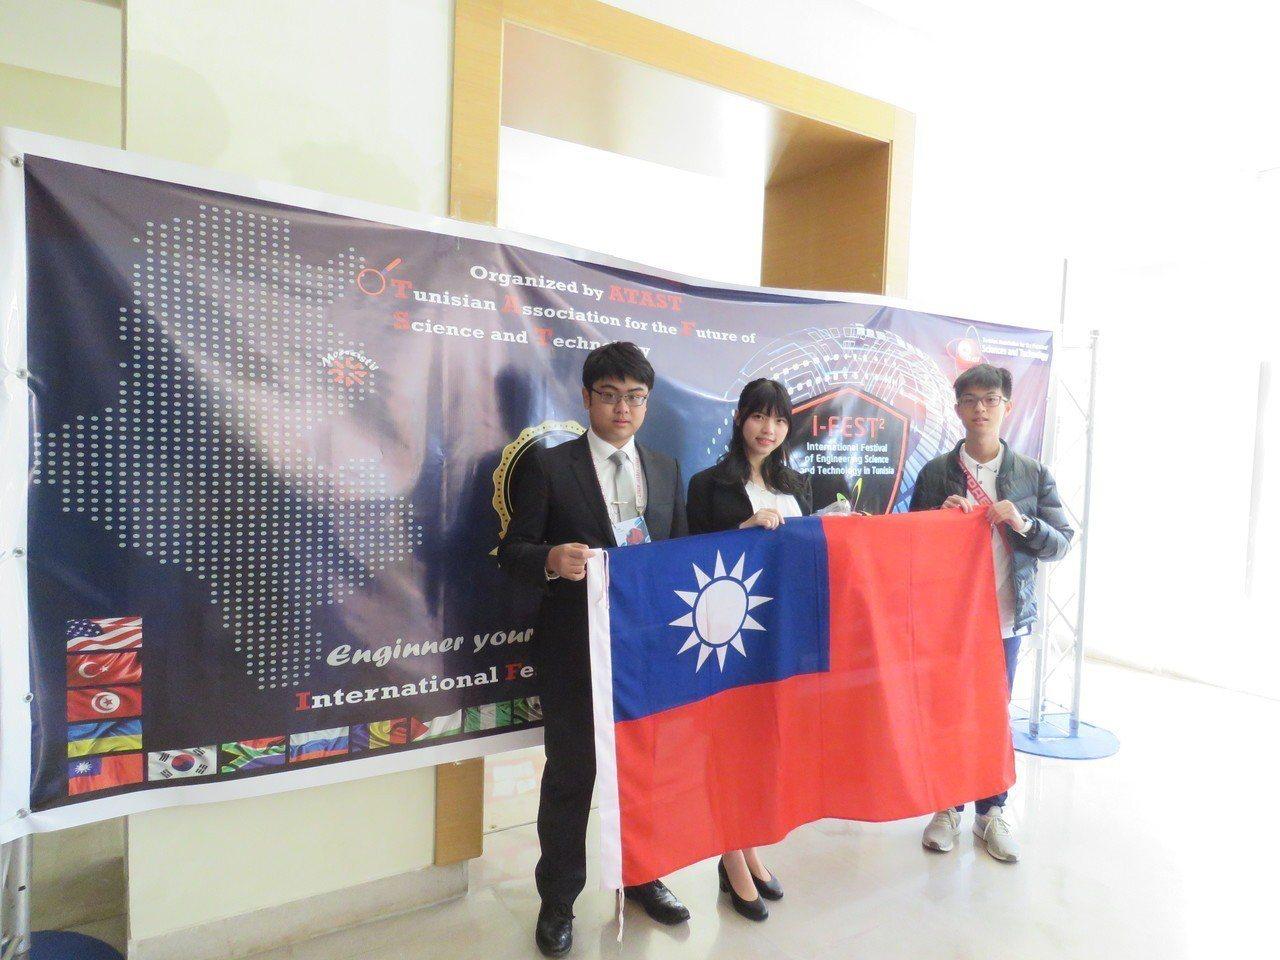 台灣學生參加「第10屆突尼西亞國際工程與科技節(International Fe...